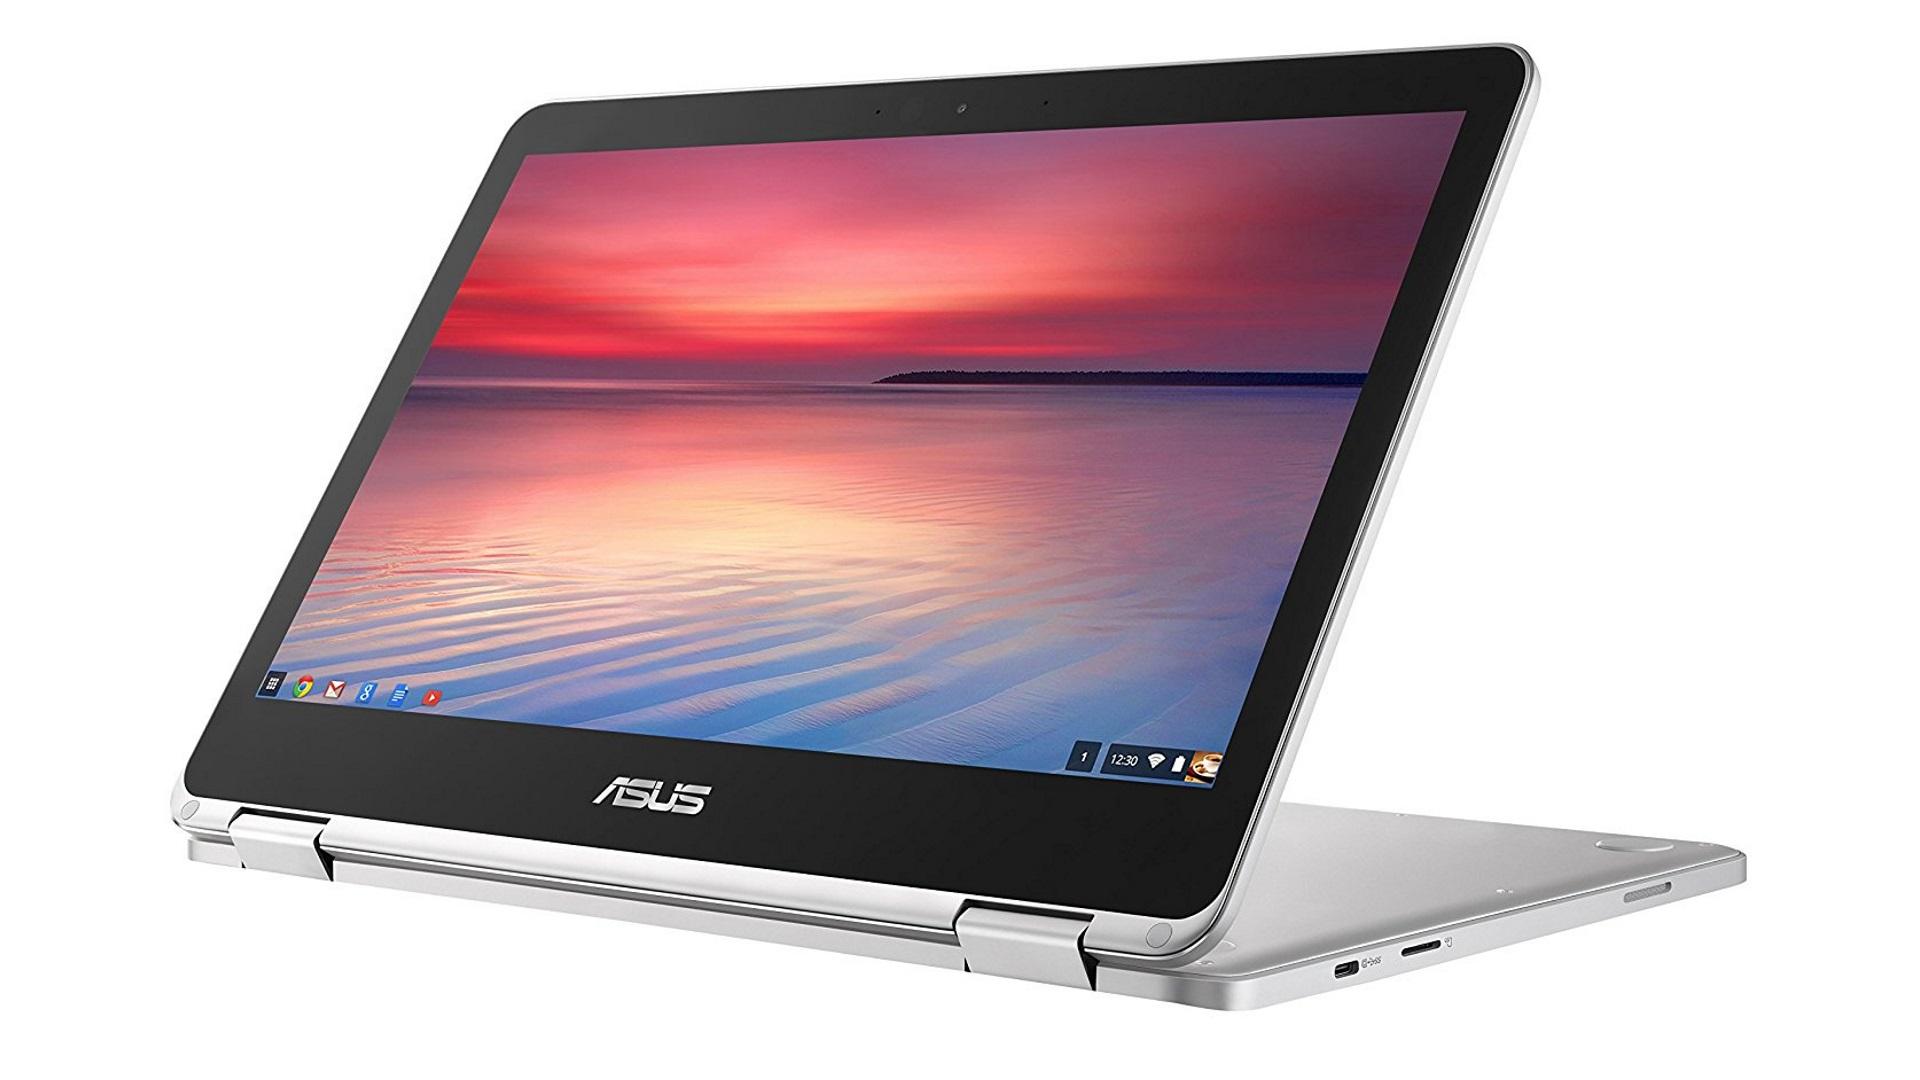 英 Amazon.co.uk に Core m7 プロセッサ搭載バージョンも「Chromebook Flip C302CA-GU011」が登場、日本直送に対応で入荷は未定